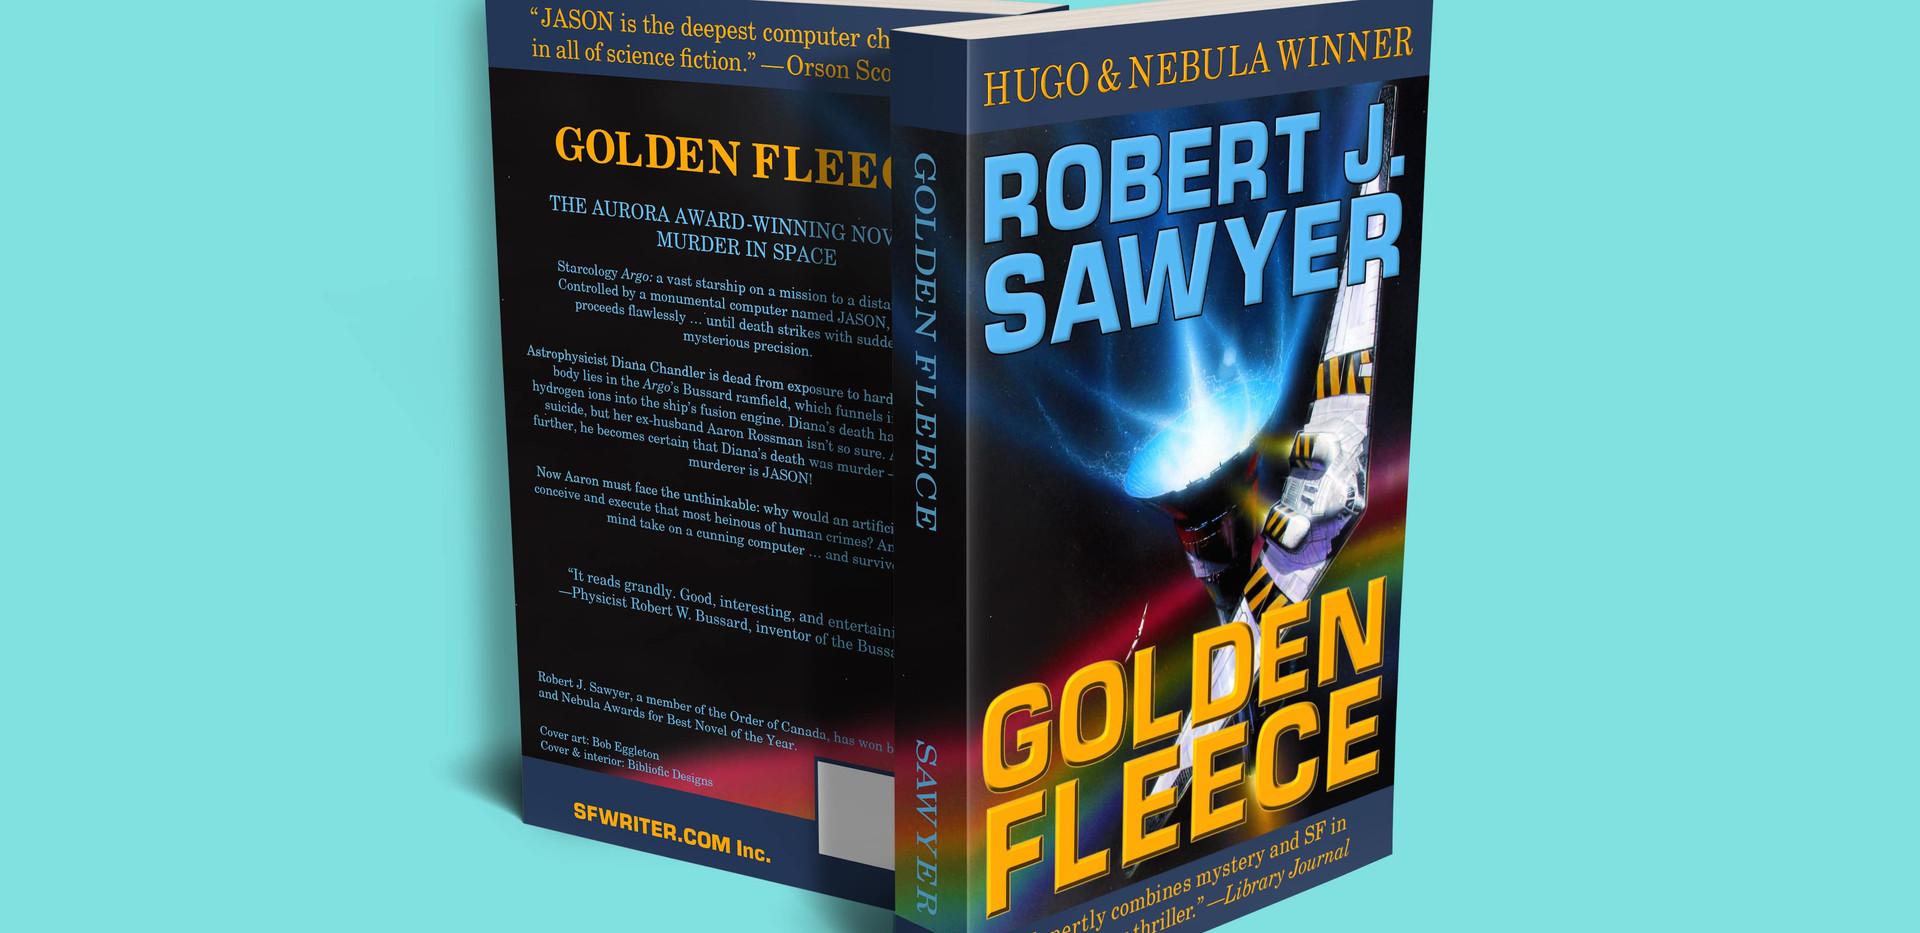 Golden Fleece by Robert J. Sawyer